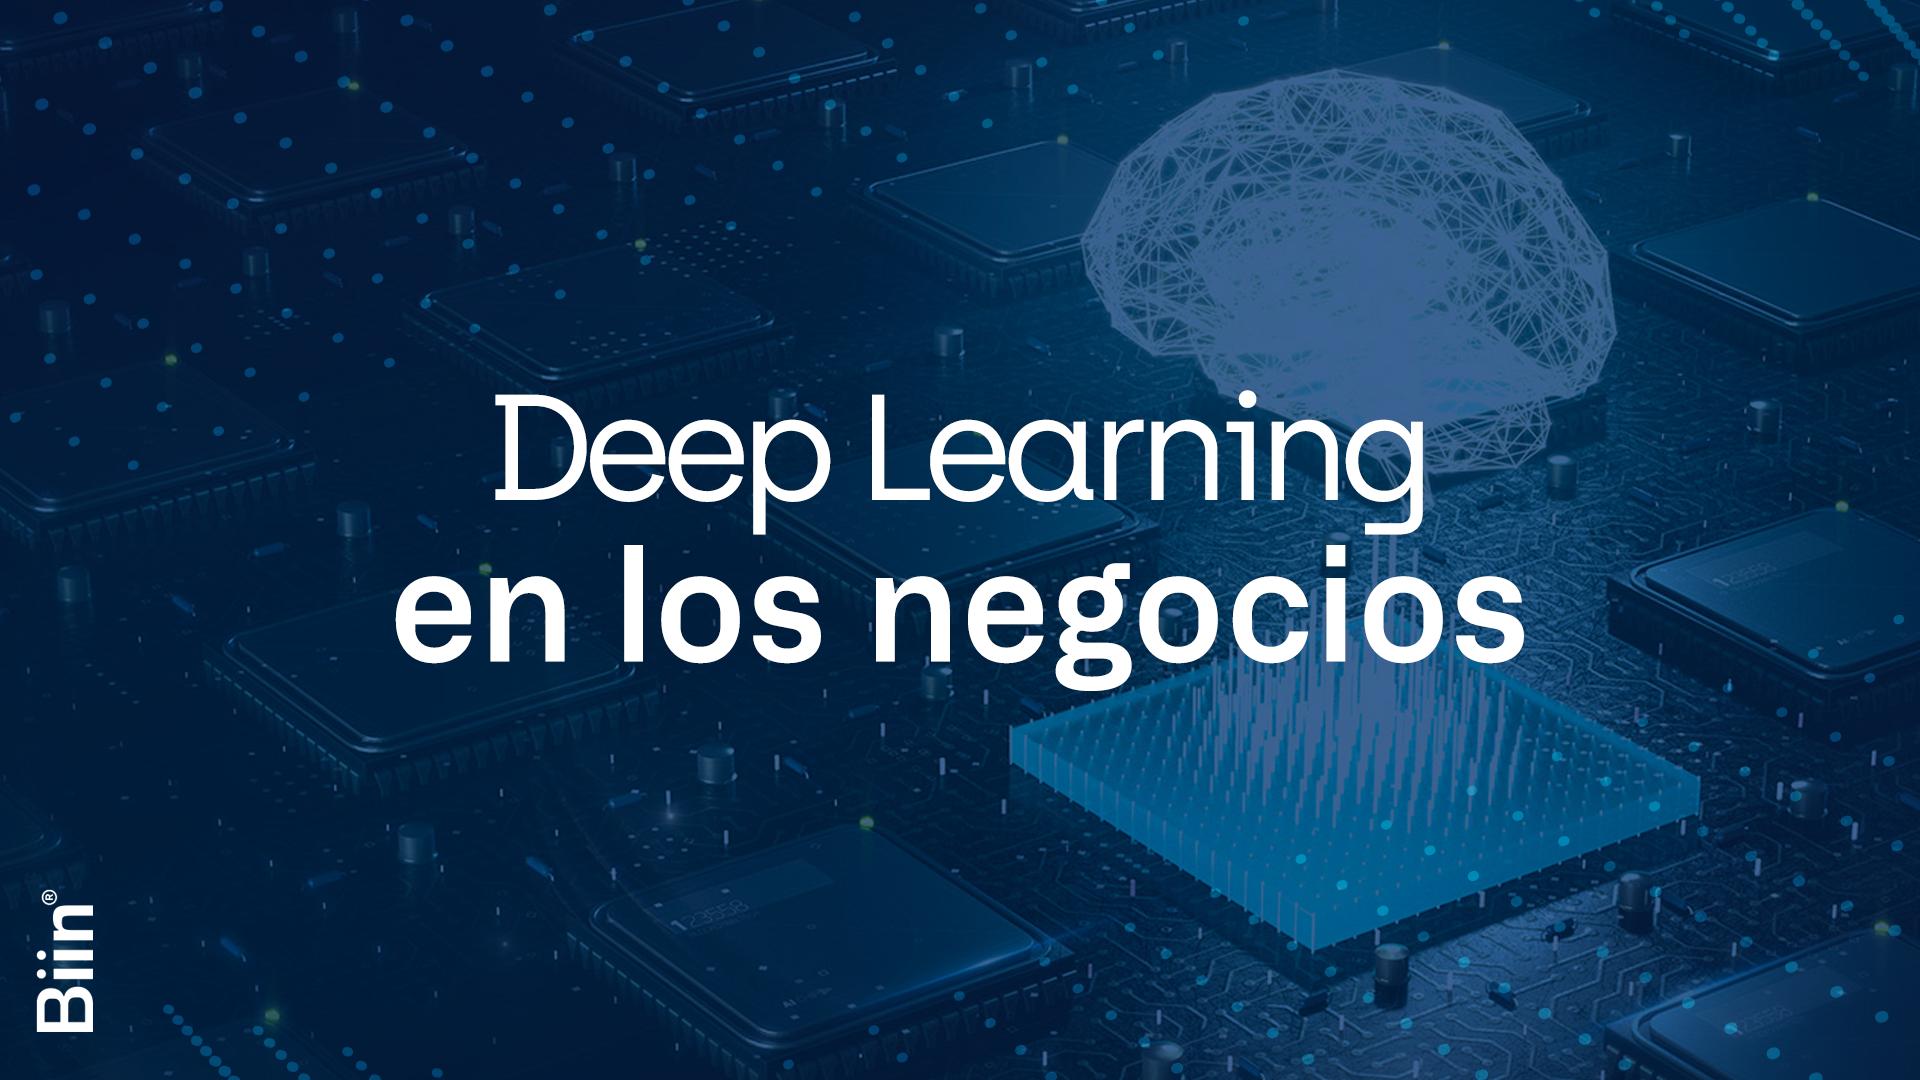 Deep Learning en los negocios